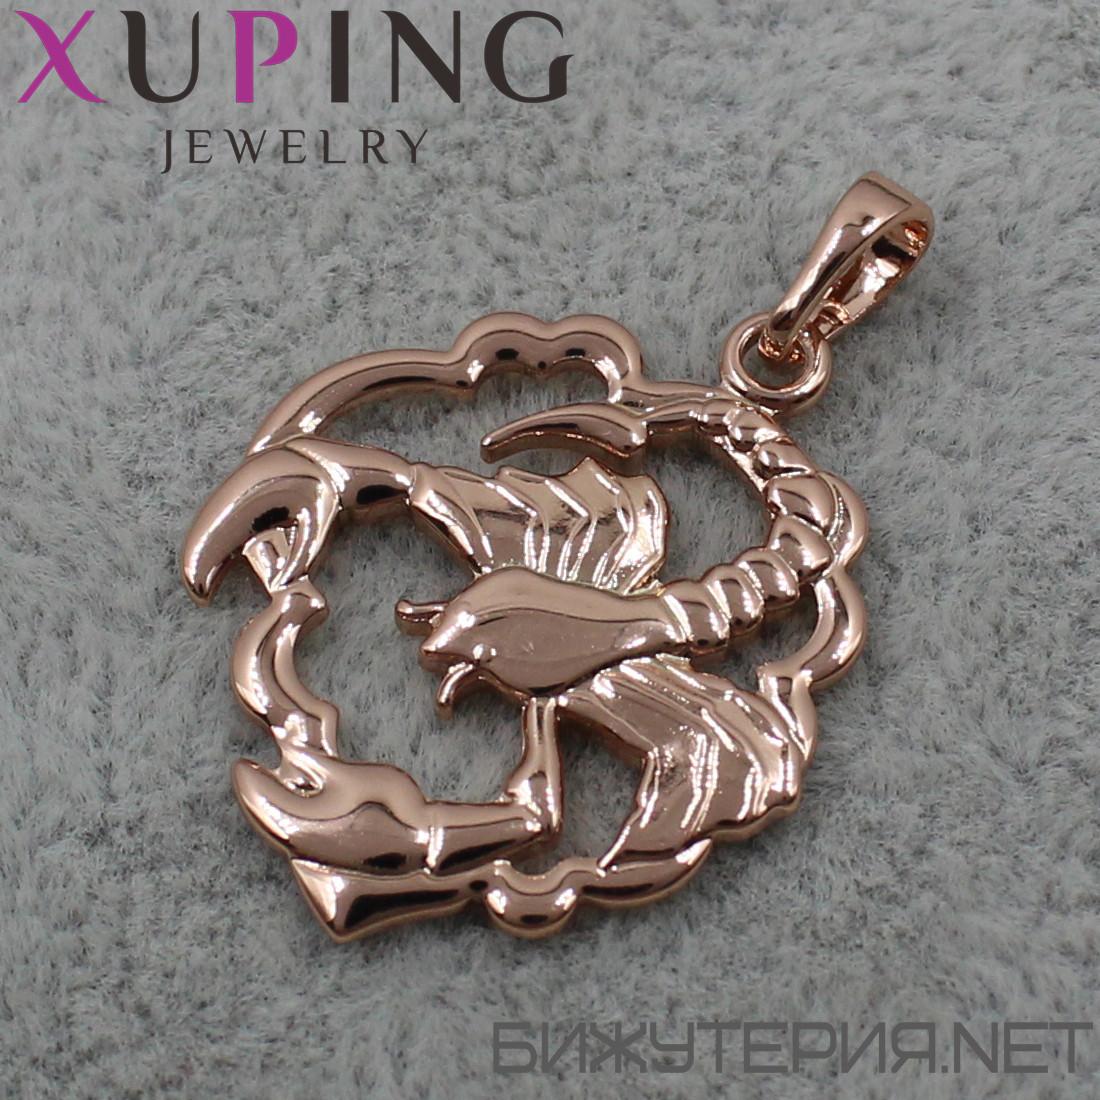 Знак Зодиака Скорпион Xuping медицинское золото 18K Gold - 1021909852